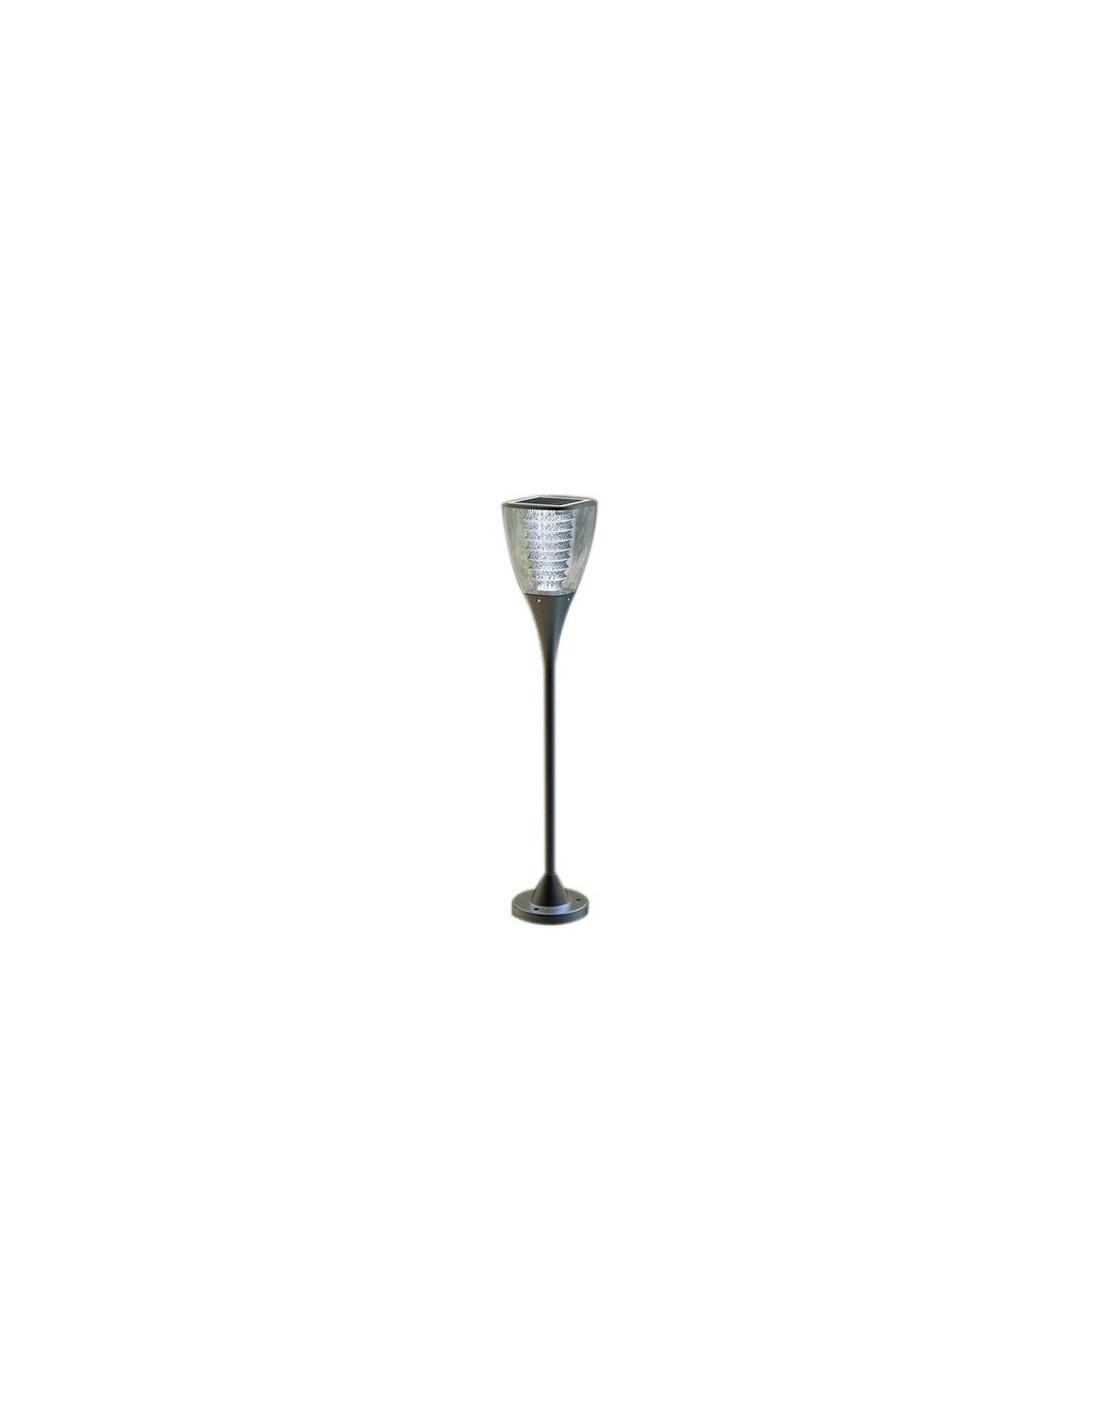 Lampe De Jardin 3000k Led Blanc Chaud Avec Panneau Photovoltaique Jardin